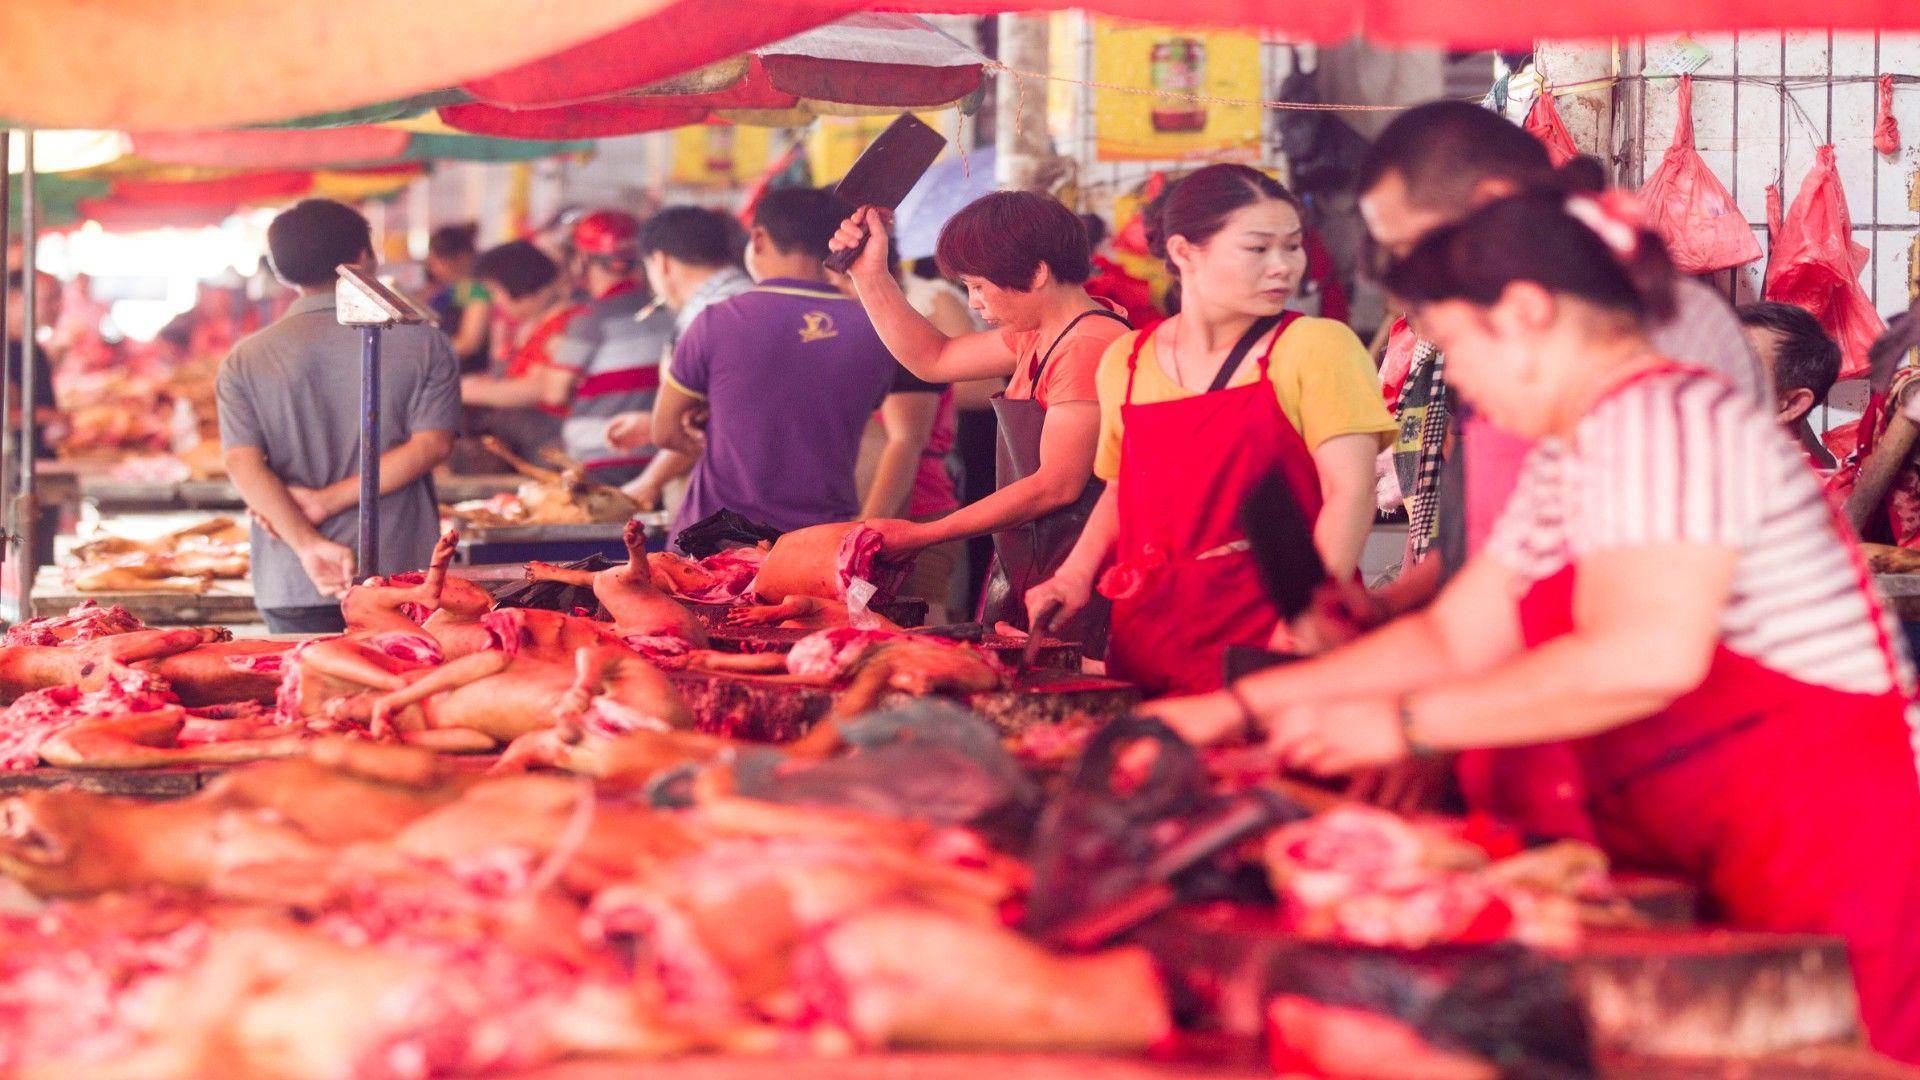 Kínai kutyahúsfesztivál (Getty Images)